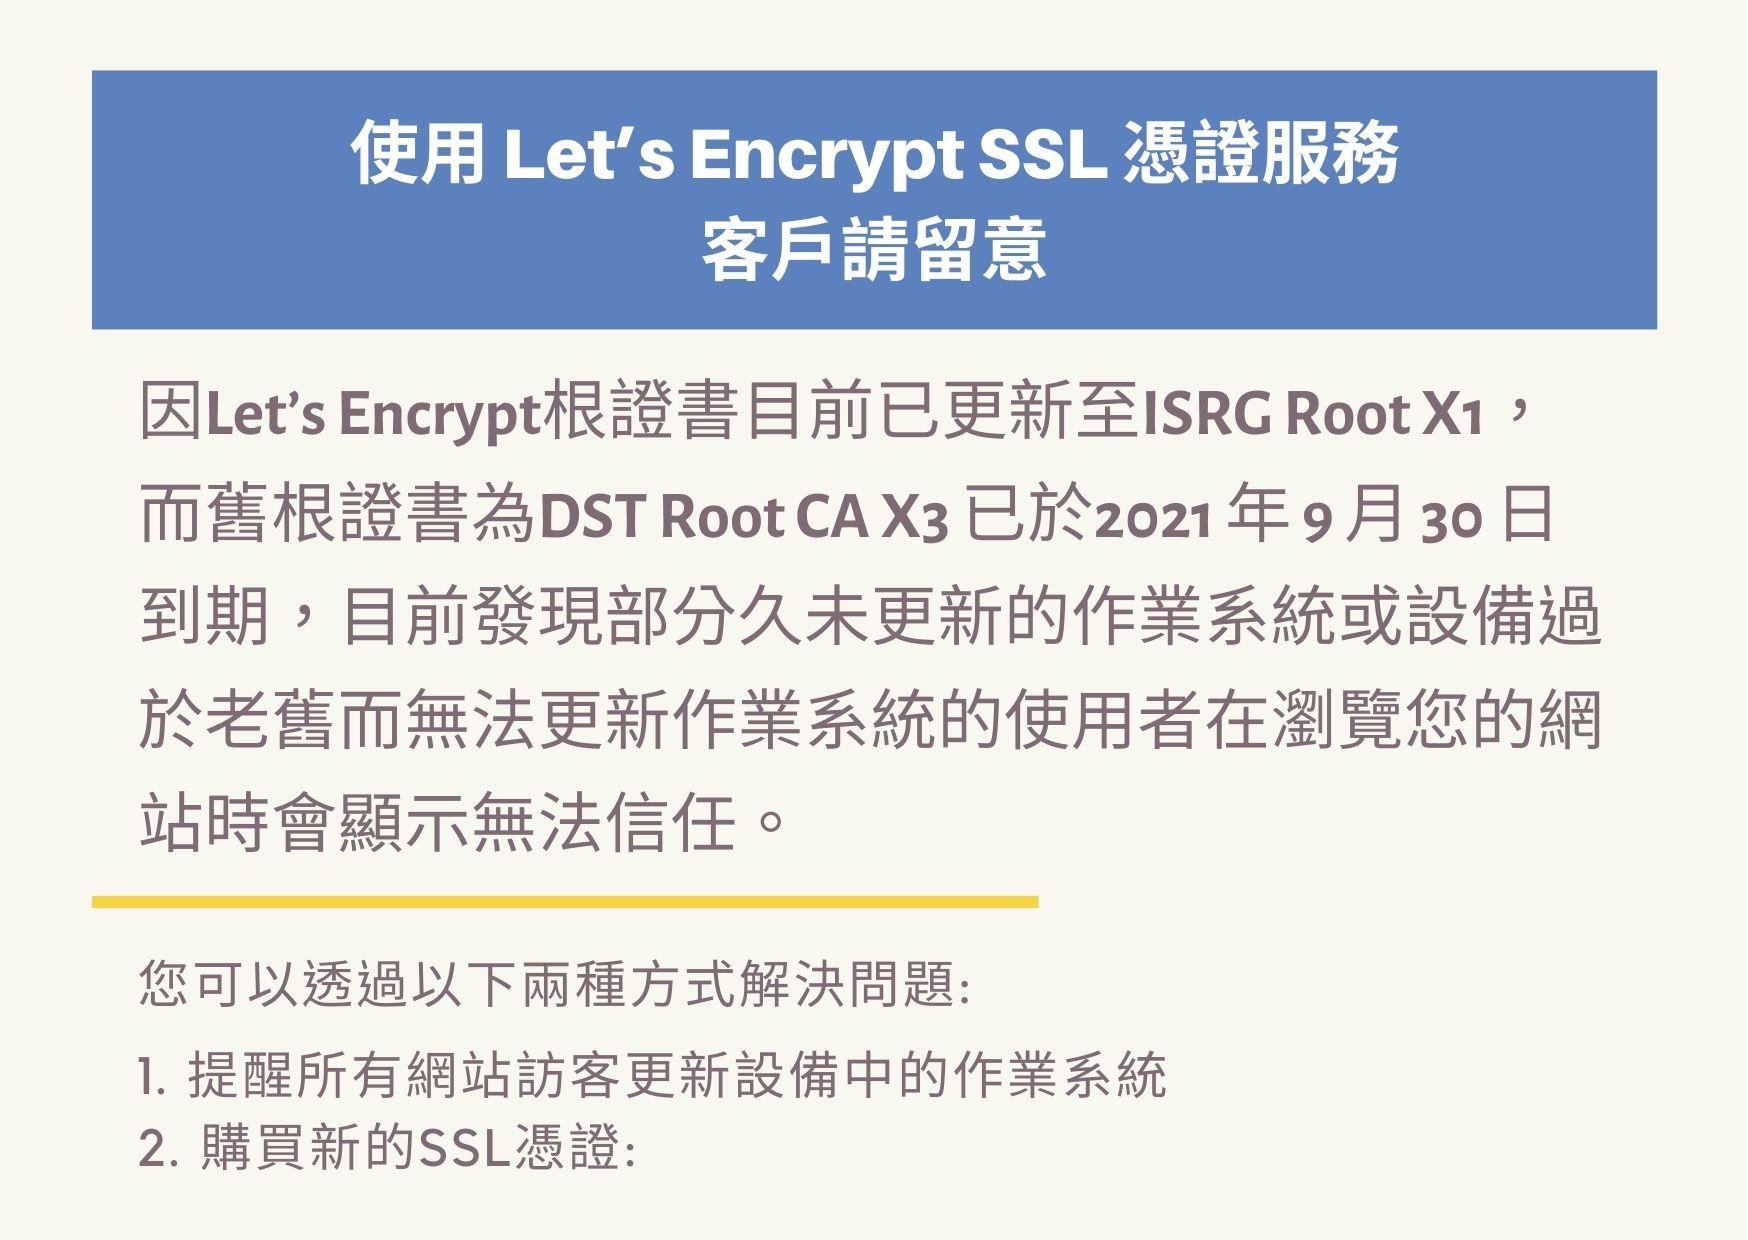 使用Let's Encrypt SSL憑證卻顯示不安全網站?解決方法 遠振資訊